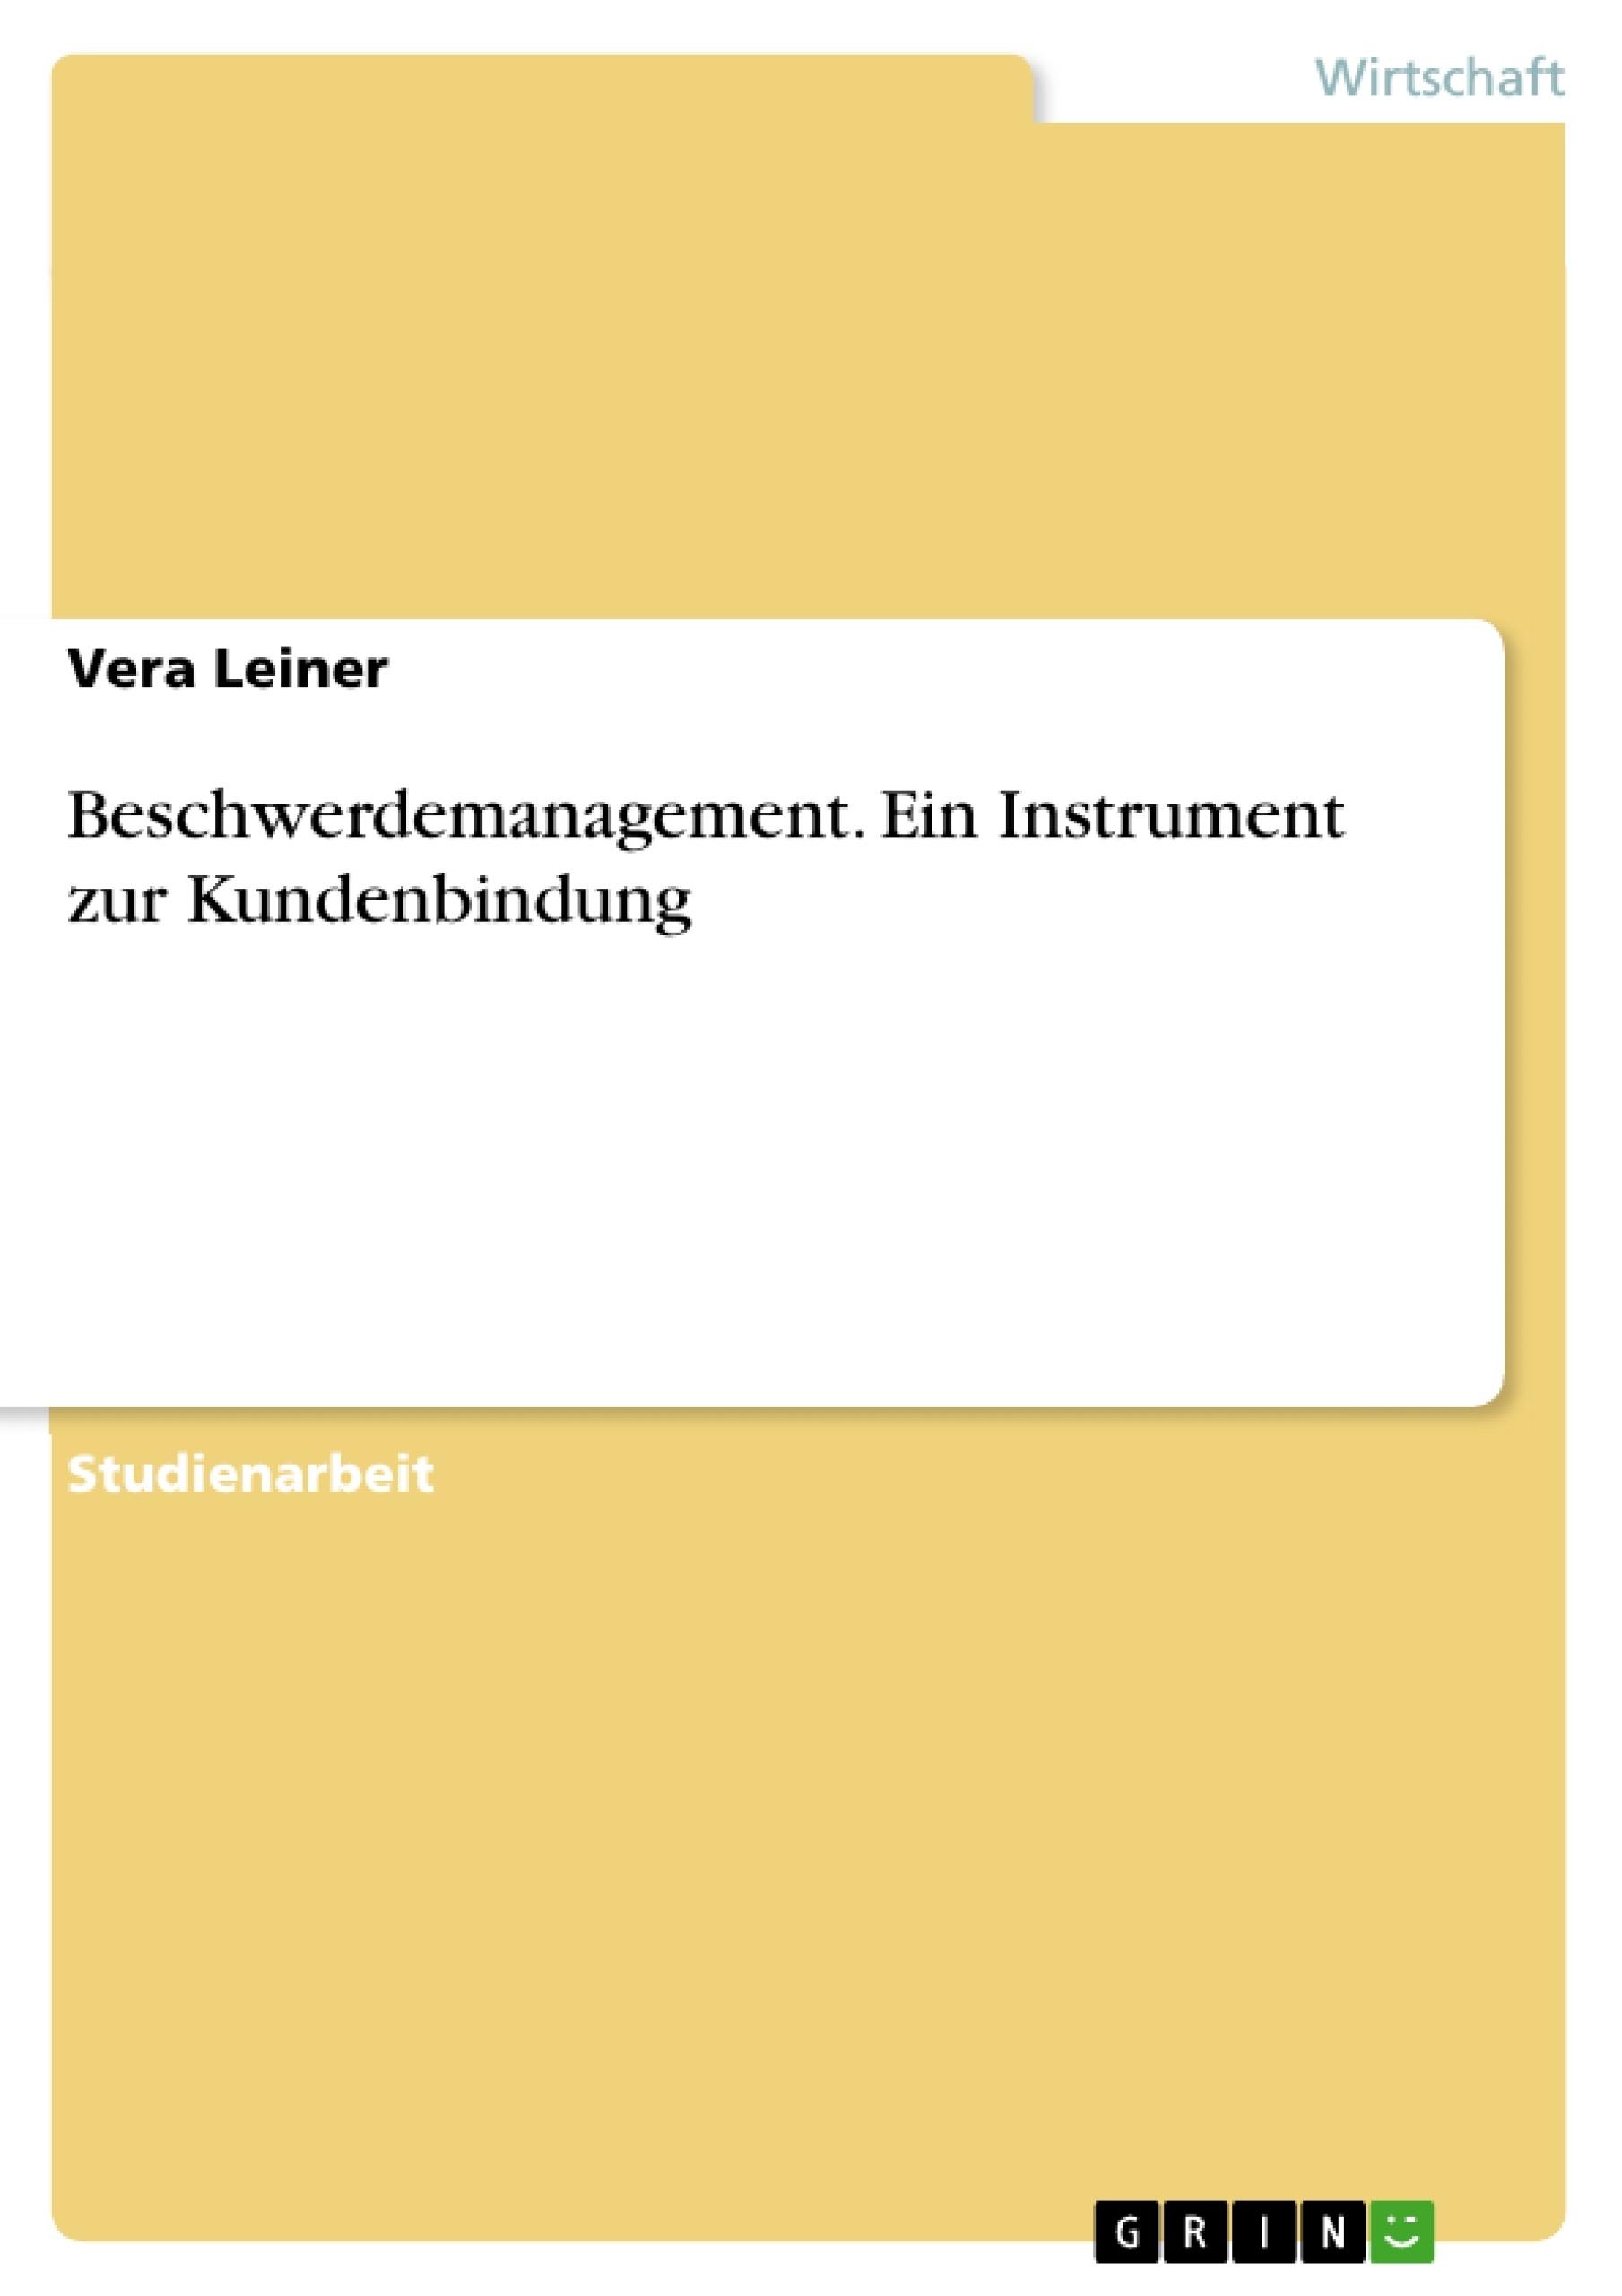 Titel: Beschwerdemanagement. Ein Instrument zur Kundenbindung